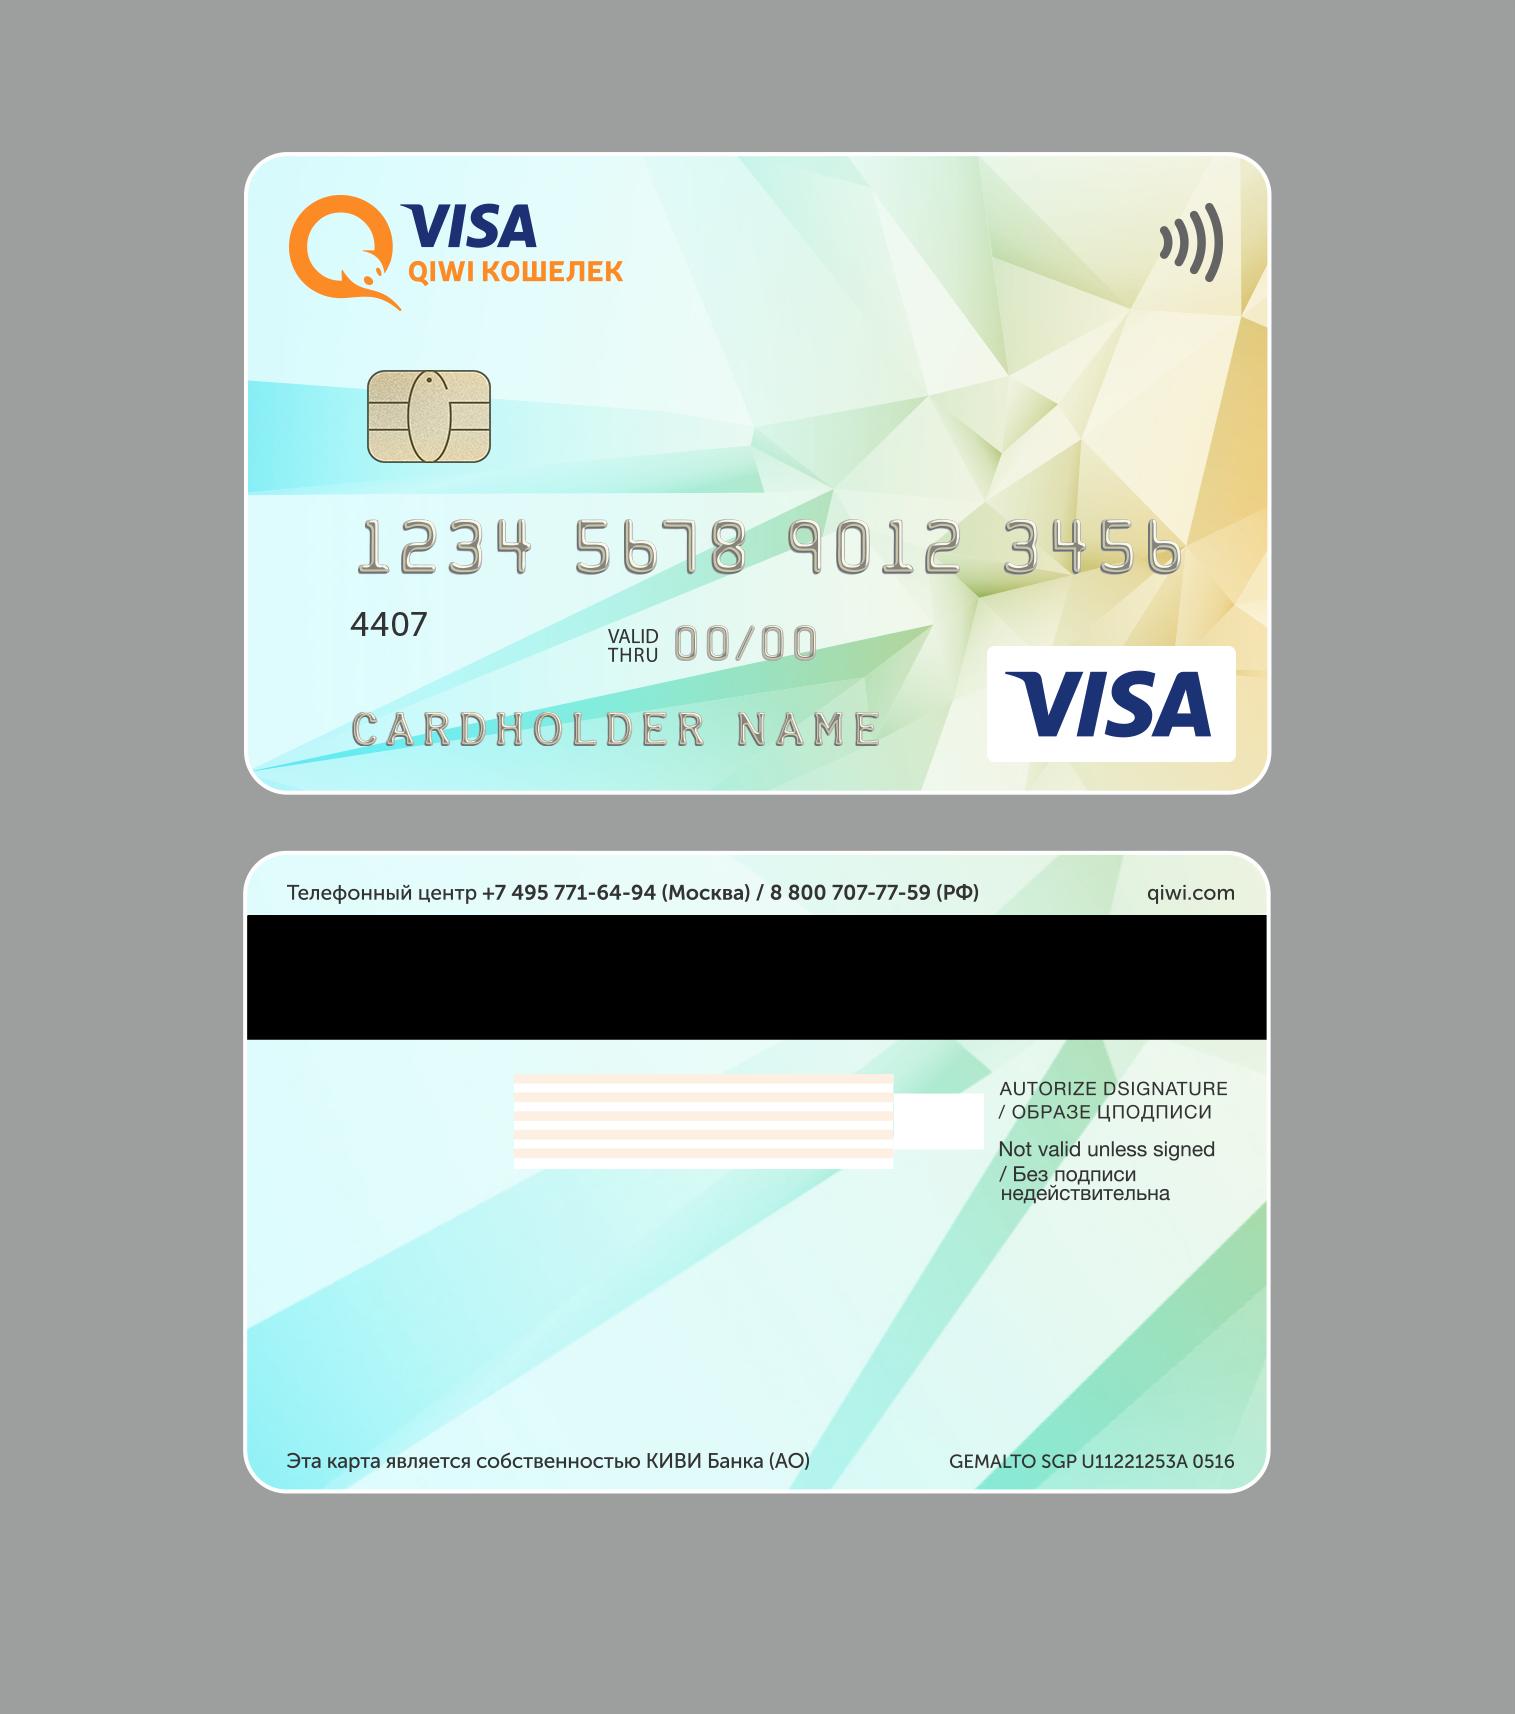 банковская карта сбербанка фото с двух сторон визуально лёгкий